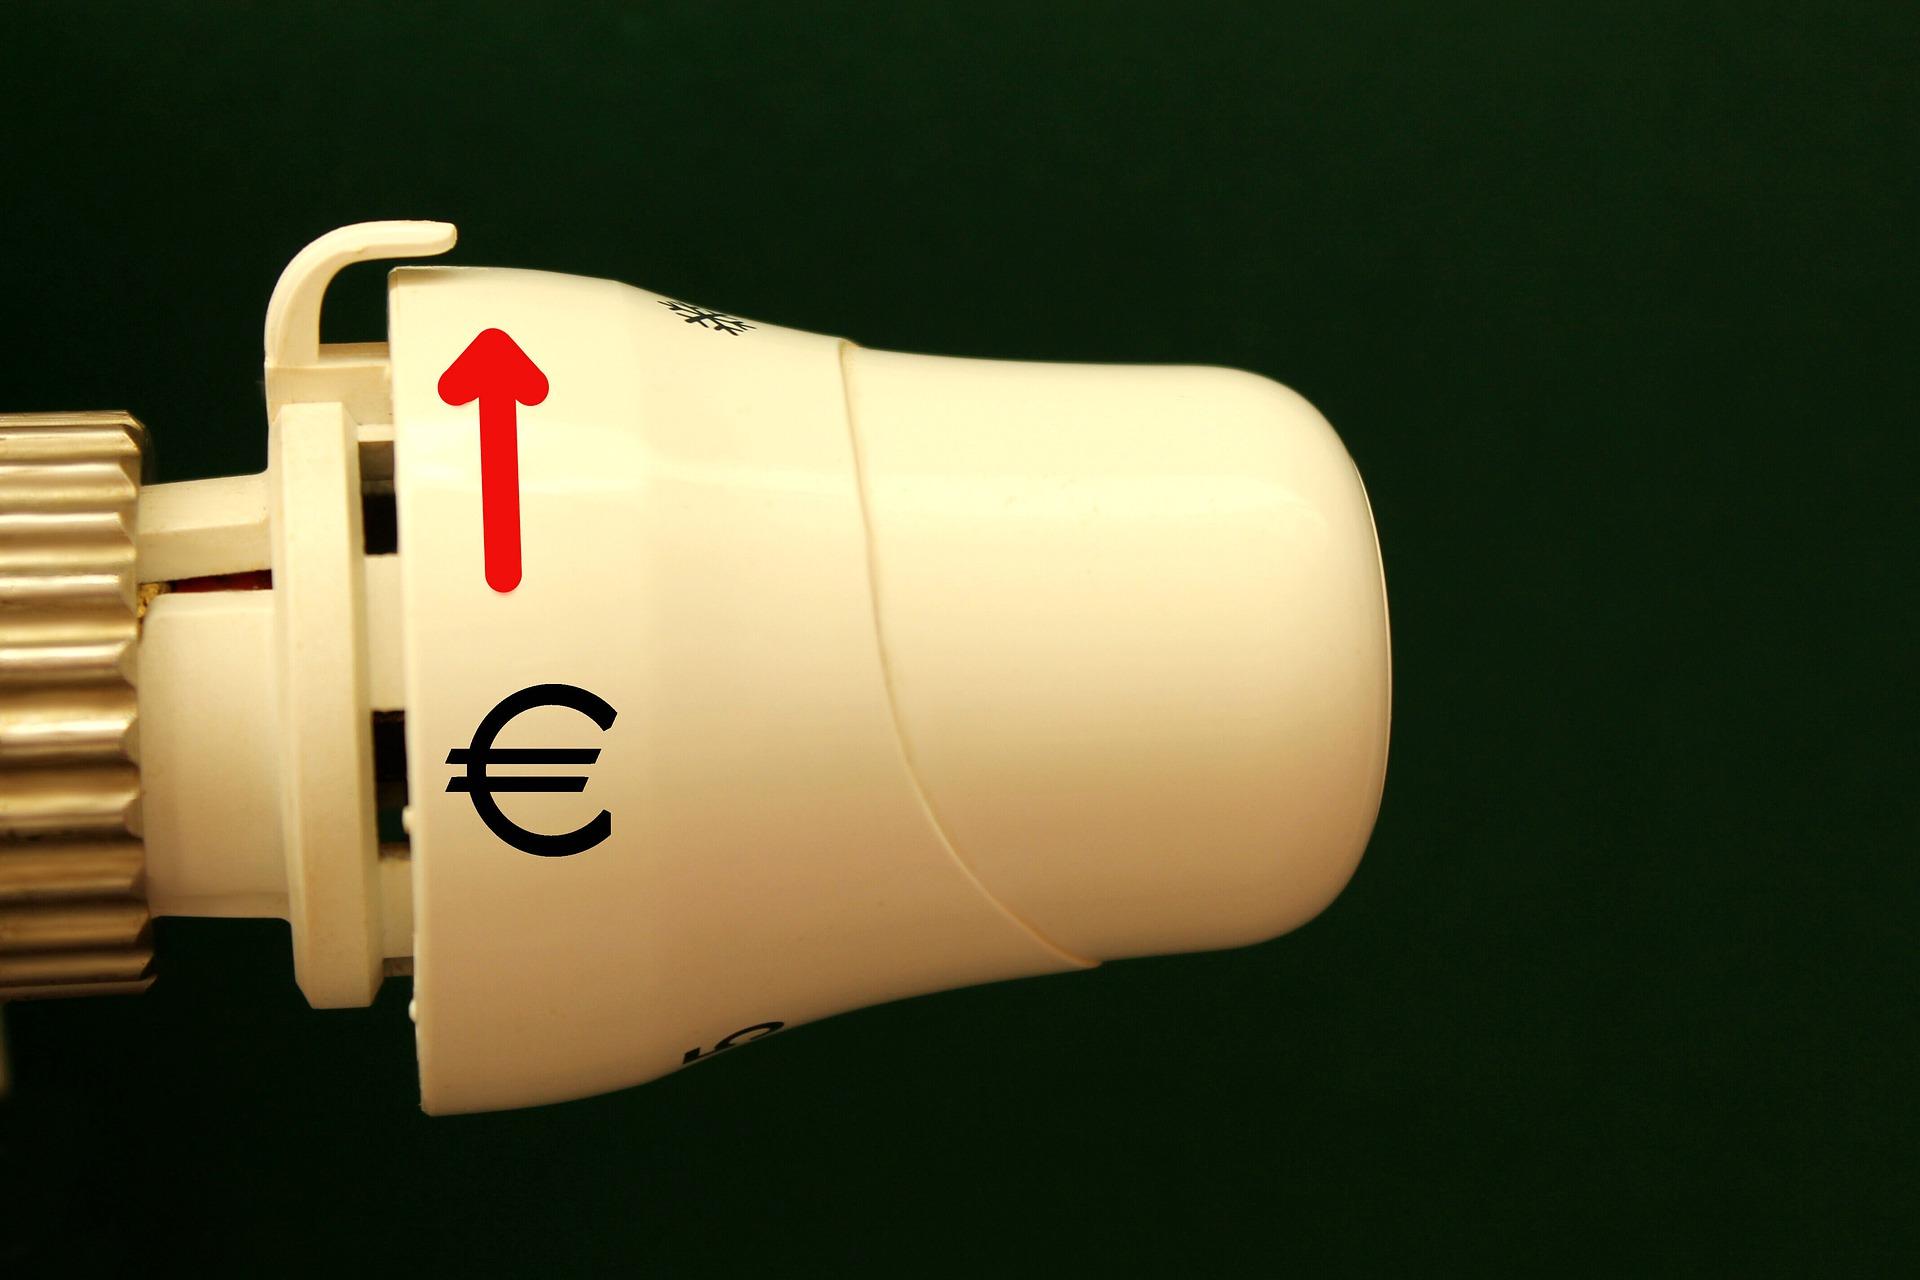 Sterowniki marki Viessmann - sprawdzona marka i niezawodna integracja urządzeń